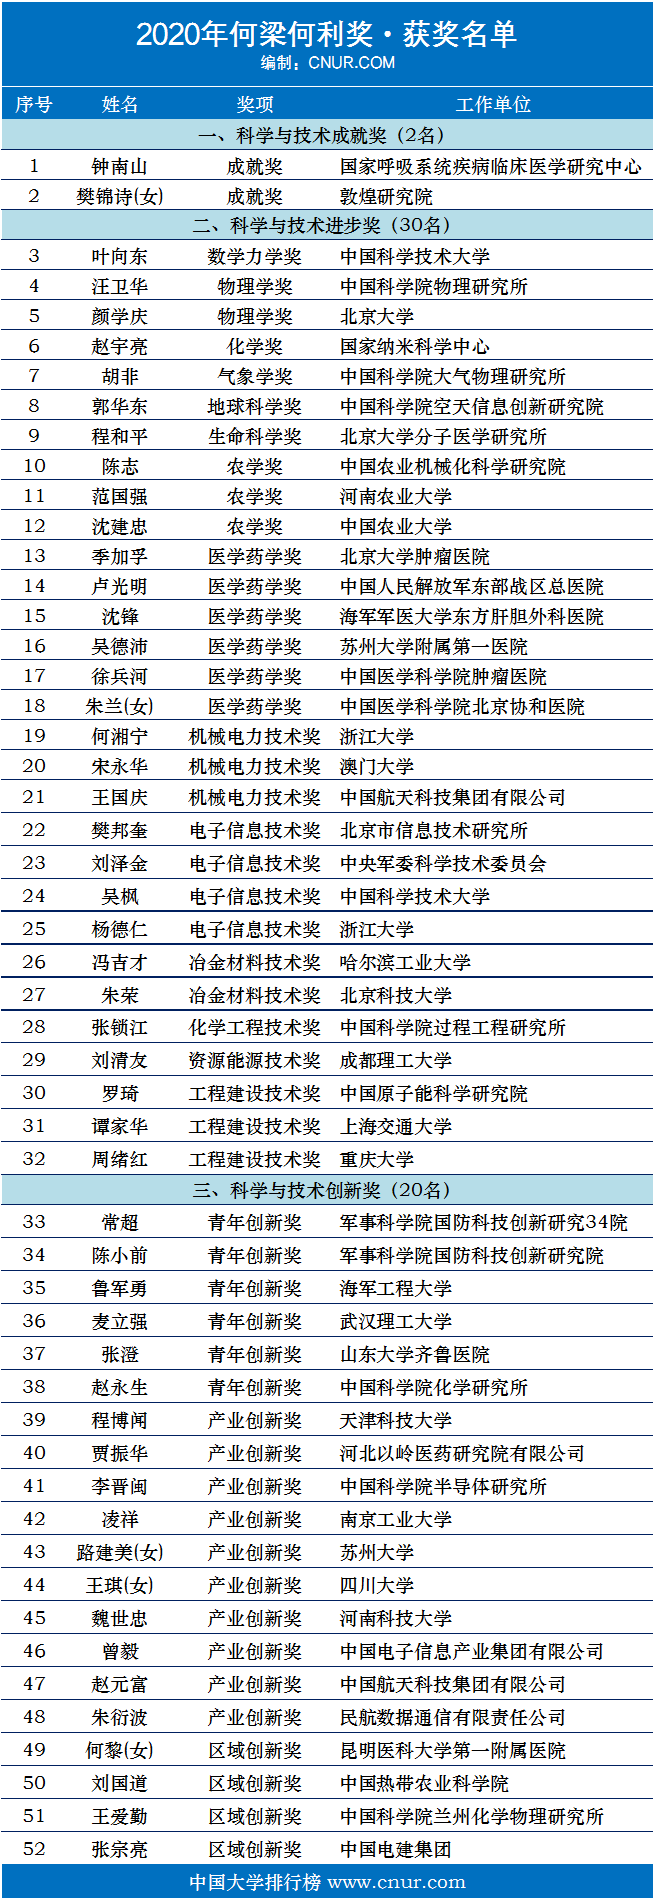 2020年何梁何利基金奖获奖名单-第1张图片-中国大学排行榜